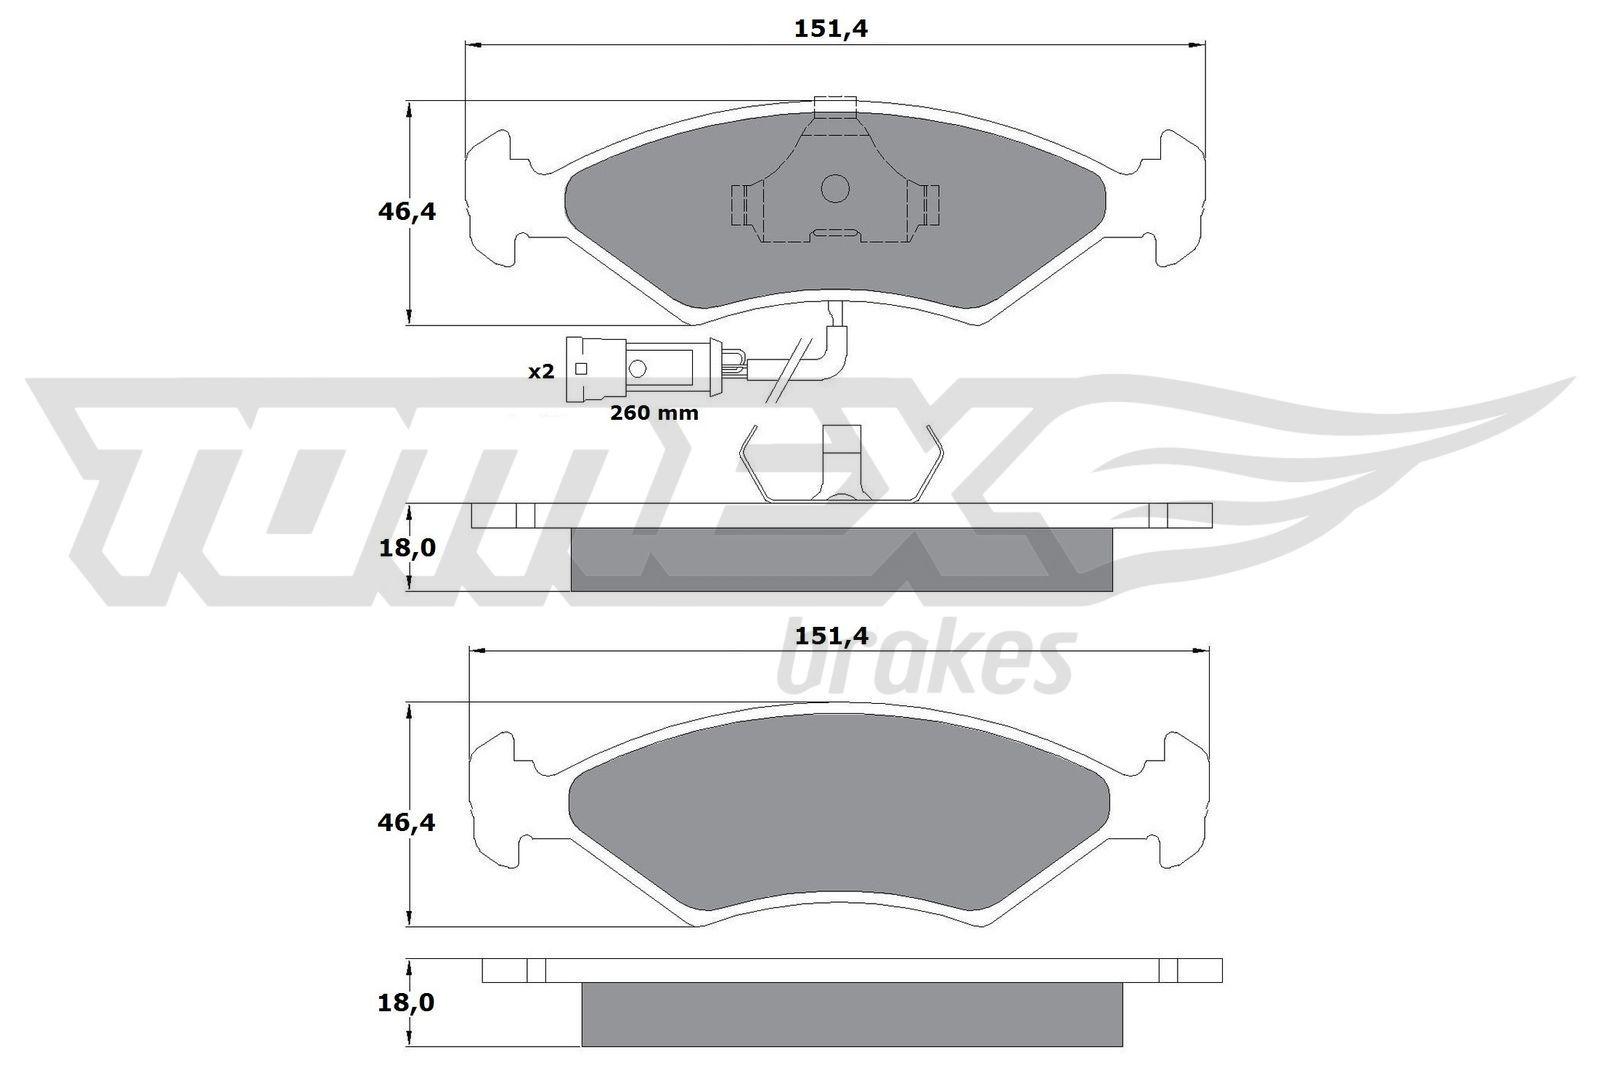 Bremssteine FORD Fiesta Mk3 Courier (F3L, F5L) hinten + vorne 1993 - TOMEX brakes TX 10-282 (Höhe: 46,4mm, Breite: 151,4mm, Dicke/Stärke: 18mm)